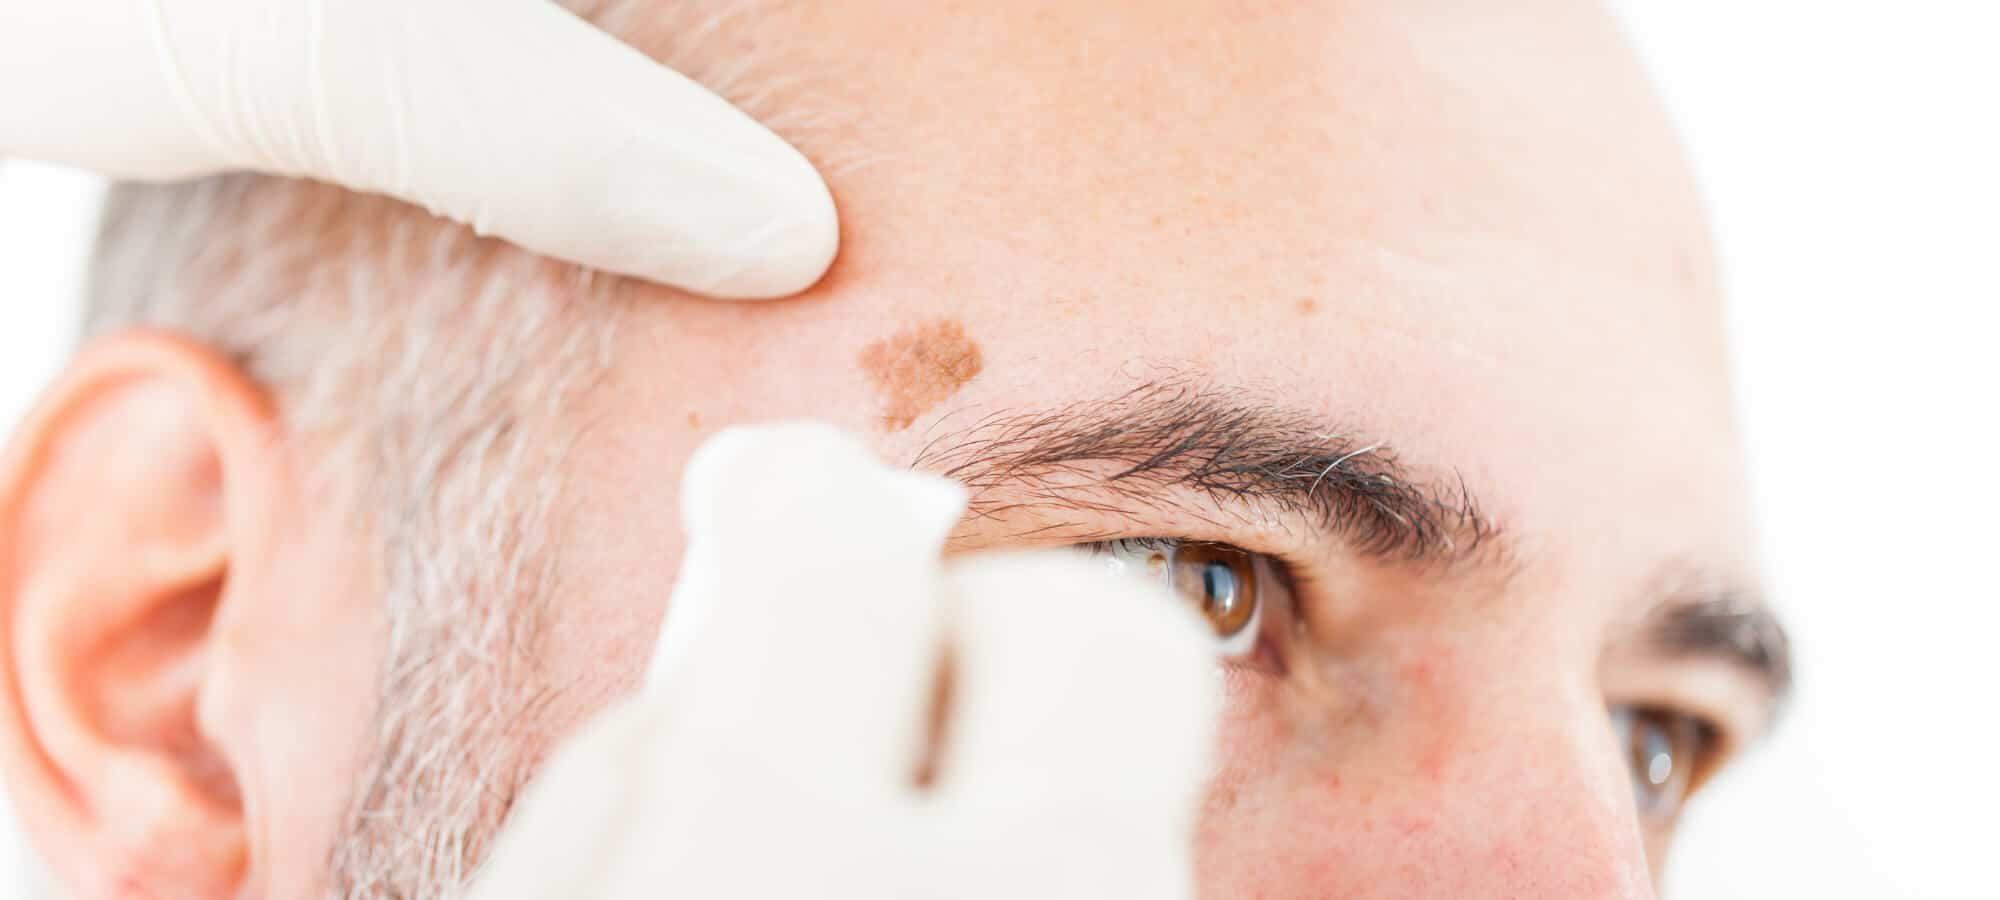 Hautkrebs im Gesicht entfernen | groisman & laube